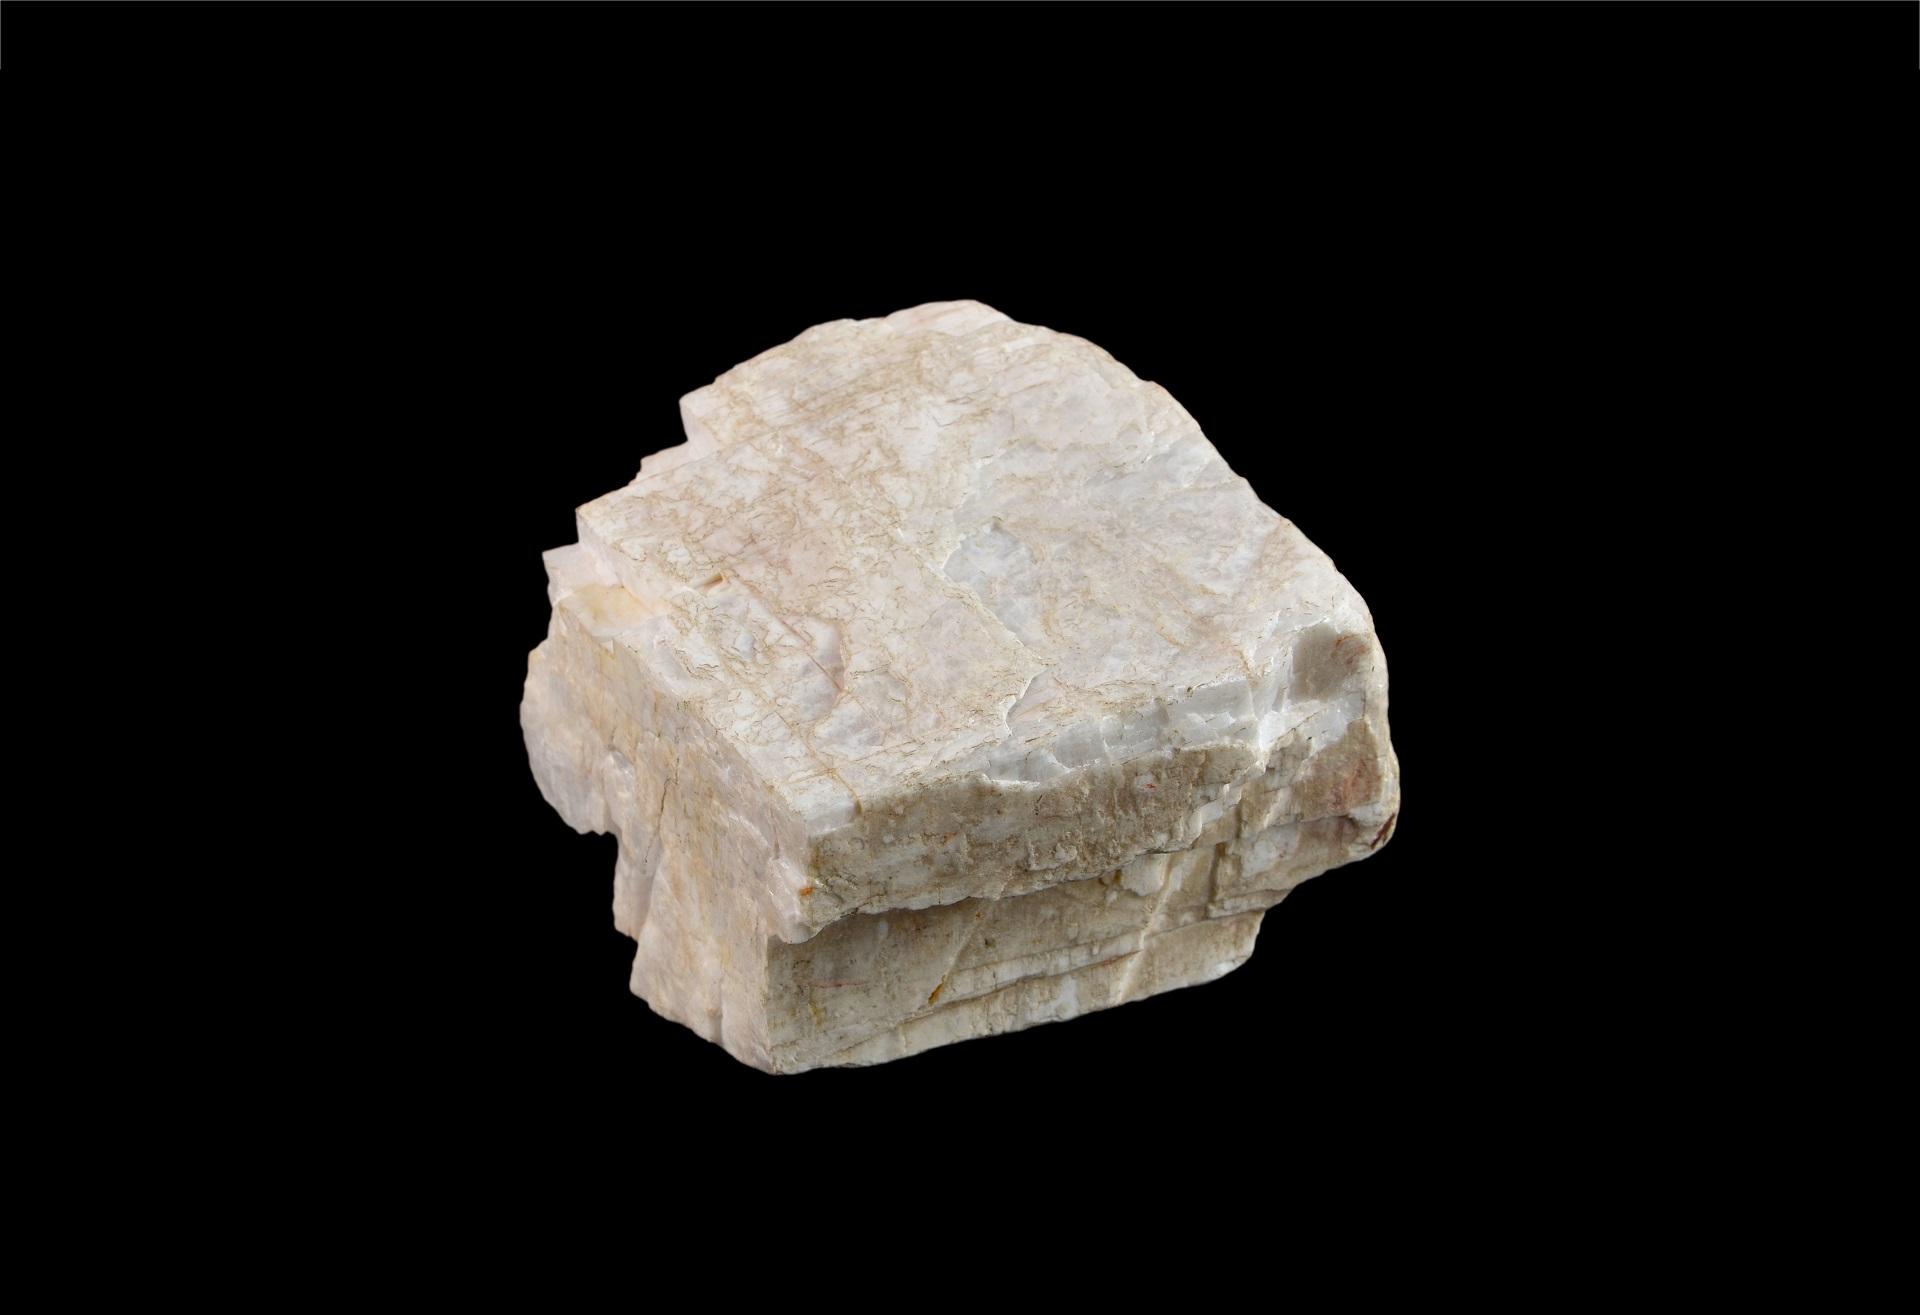 barium-sulfate